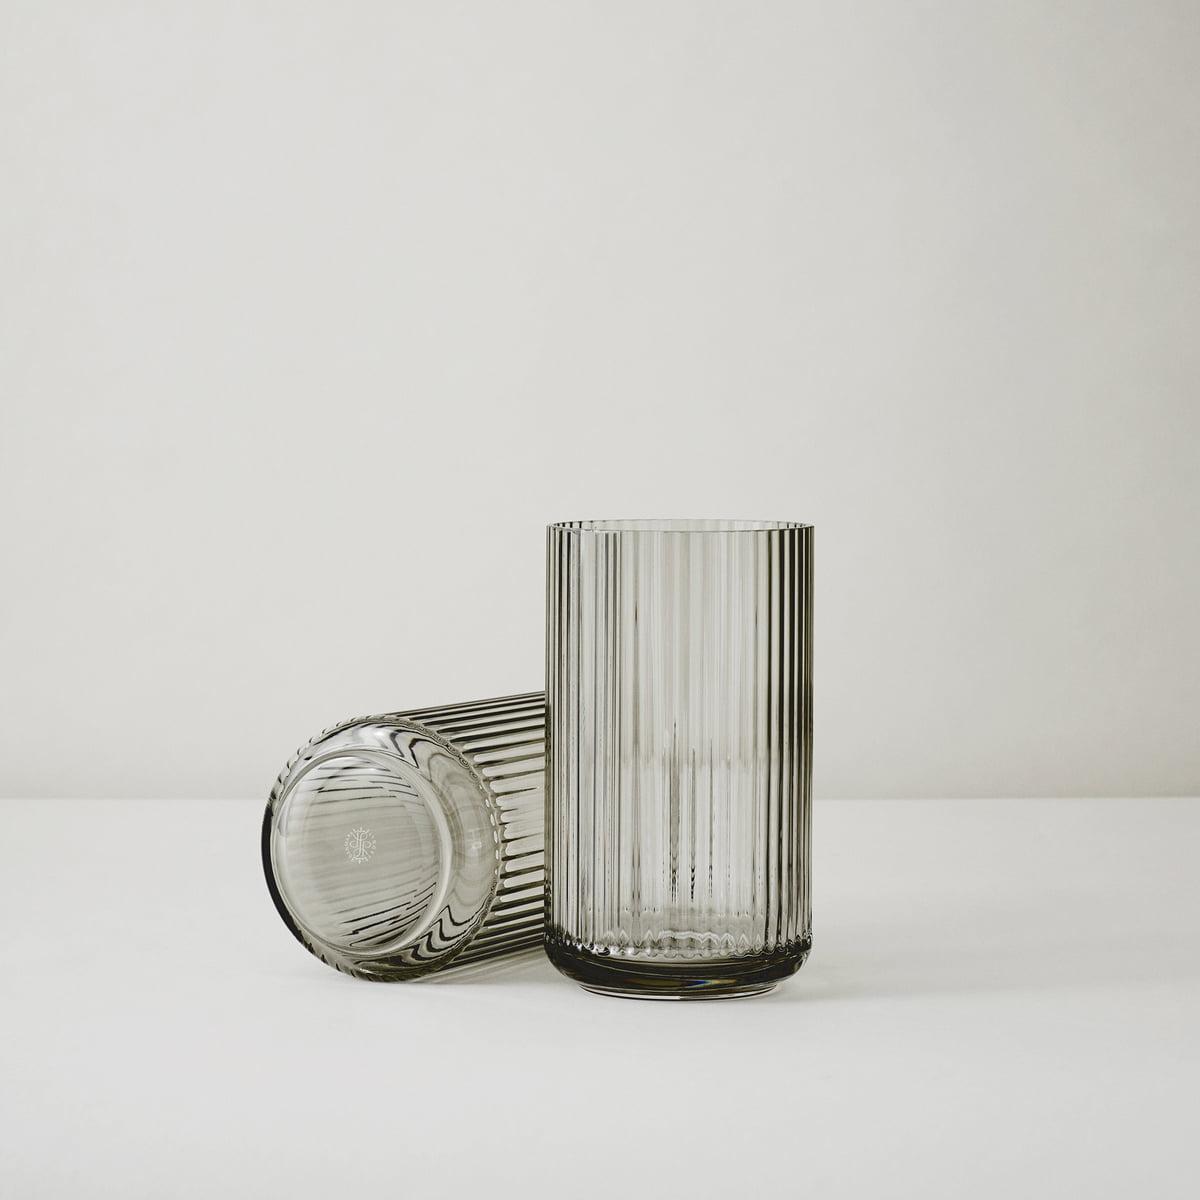 Enormt Lyngby Porcelæn Glass Vase smoke in the shop KA91